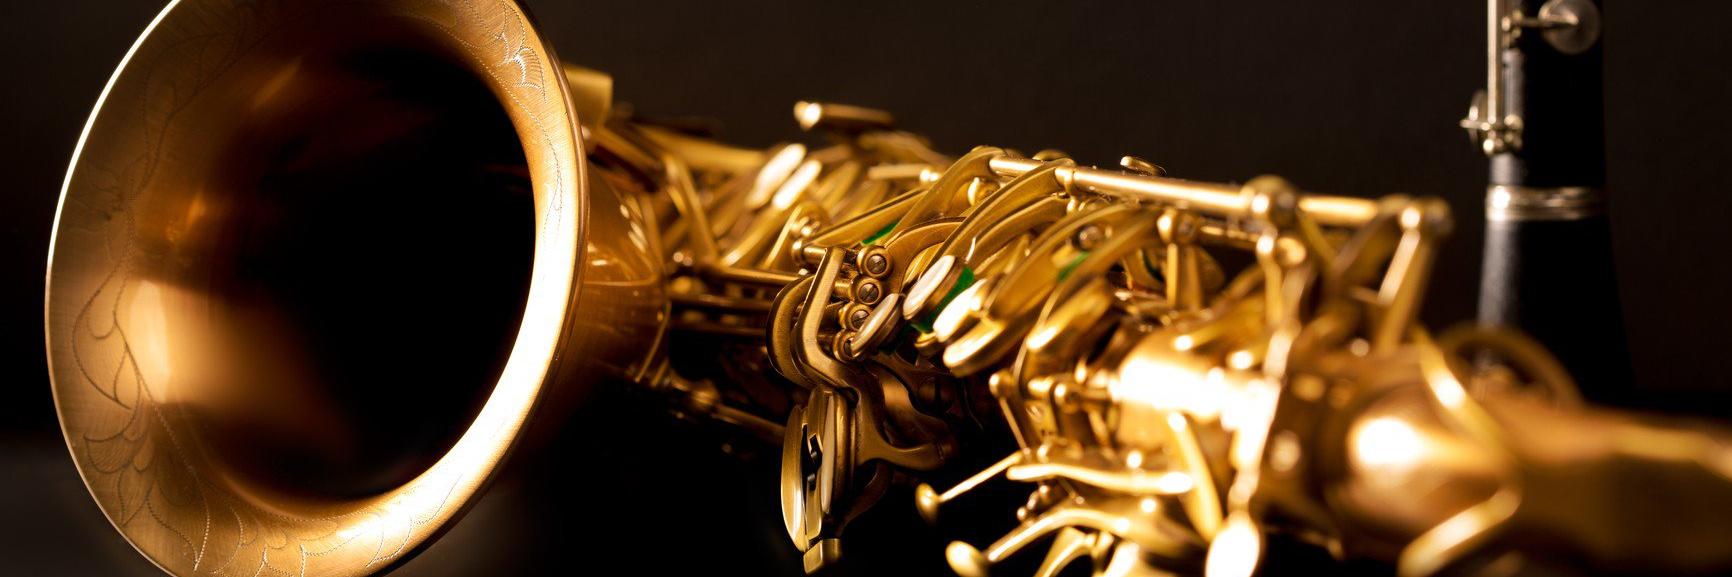 Jackson Sax, musicien Jazz en représentation à Bouches du Rhône - photo de couverture